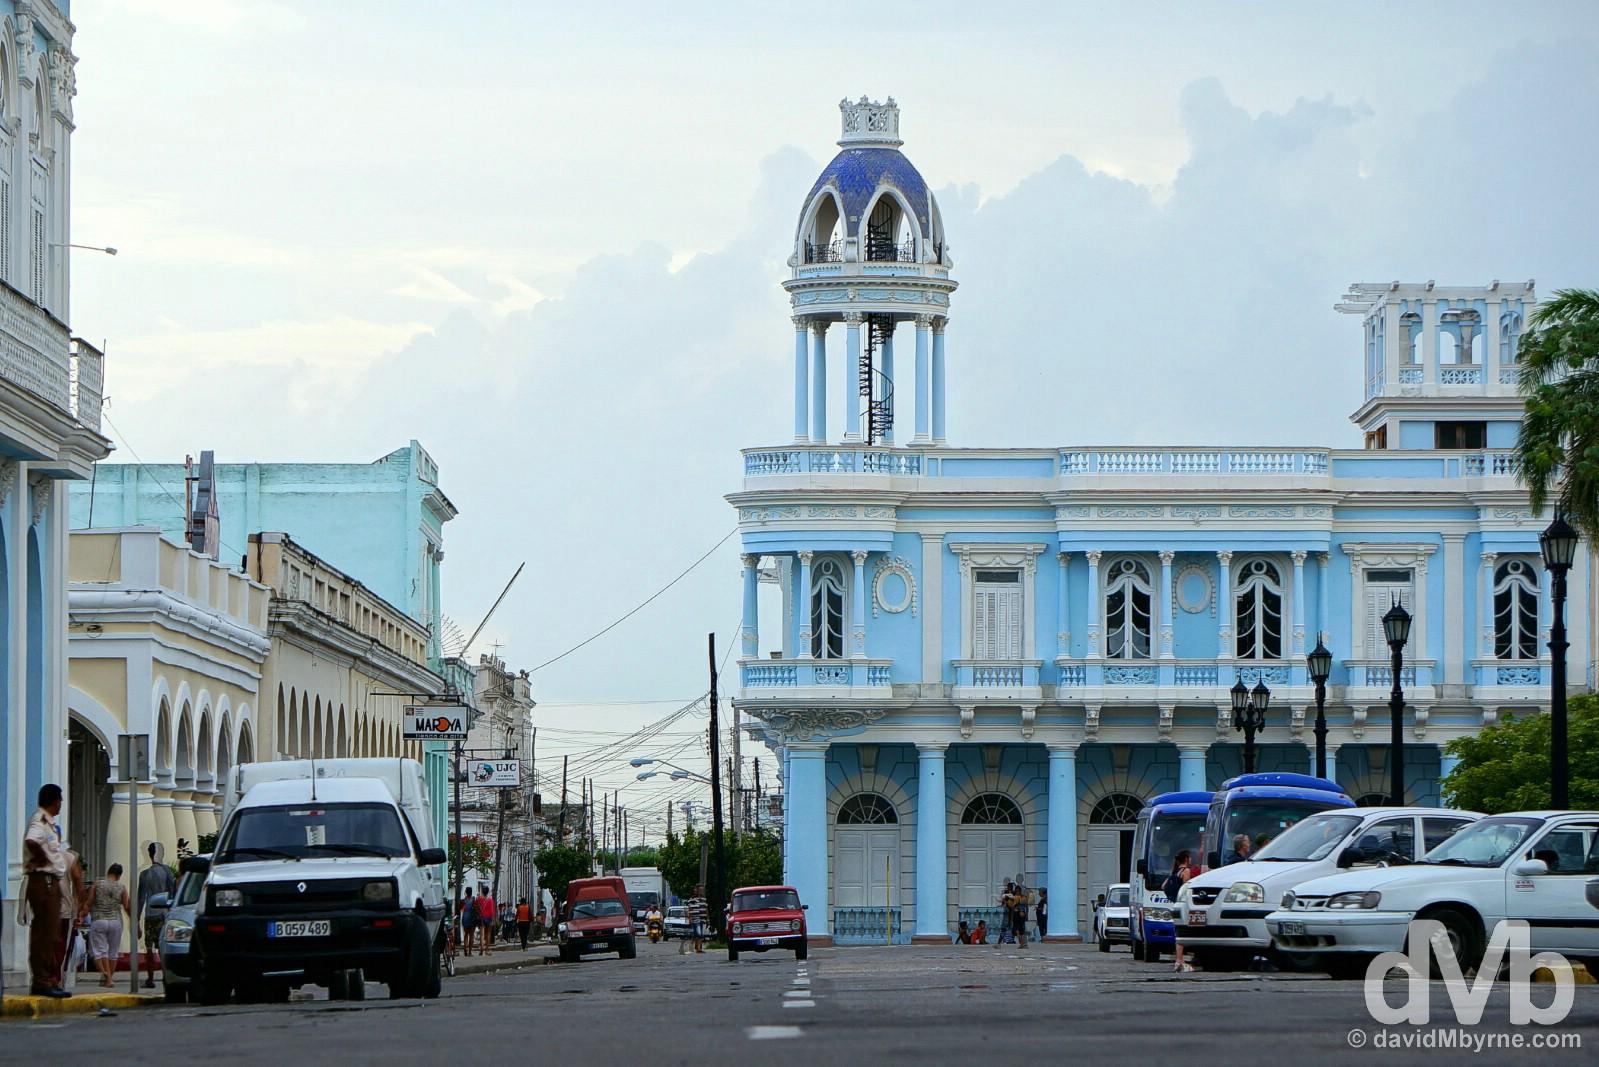 The Casa de la Cultura Benjamin Duarte off Parque Jose Marti in Cienfuegos, Cuba. May 7, 2015.